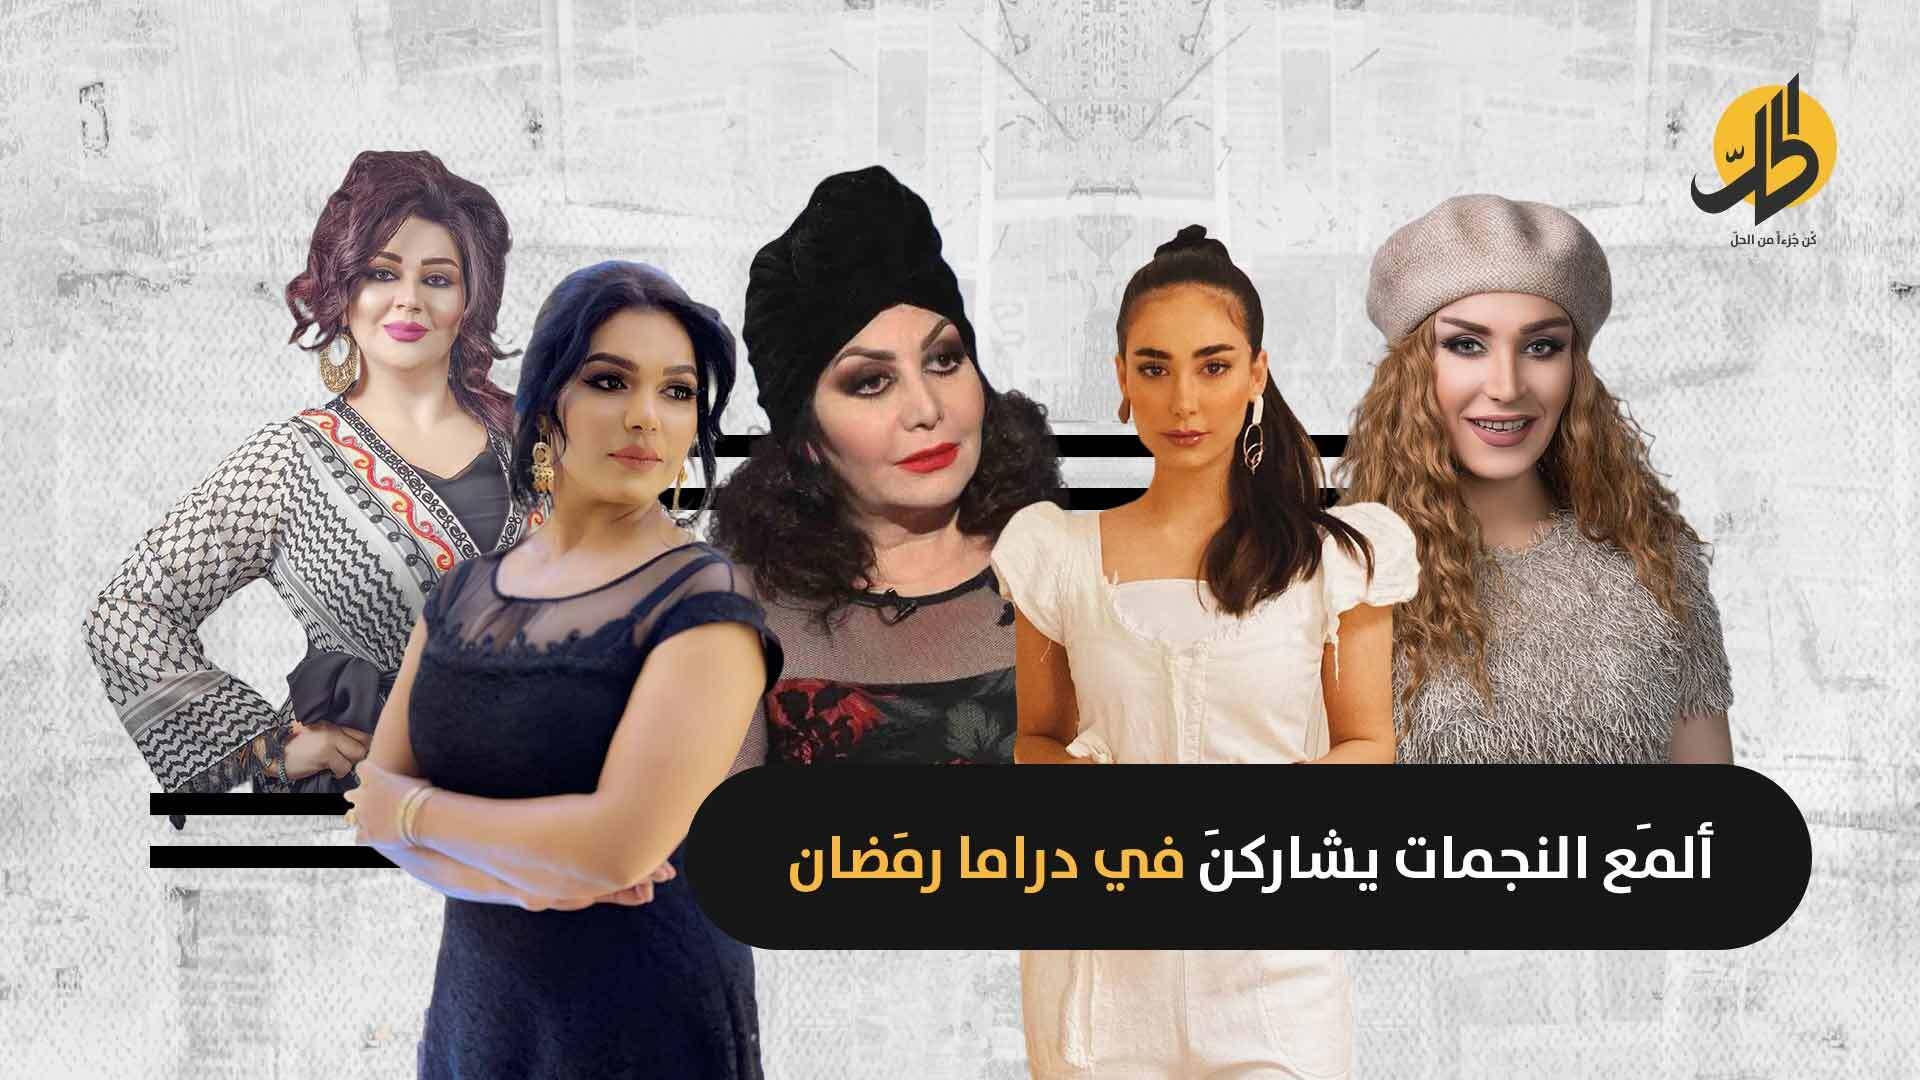 """تحكي عن """"داعش"""" و""""الديكتاتورية"""" و""""الحُب"""".. الدراما العراقية تعود بقوة في رمضان!"""